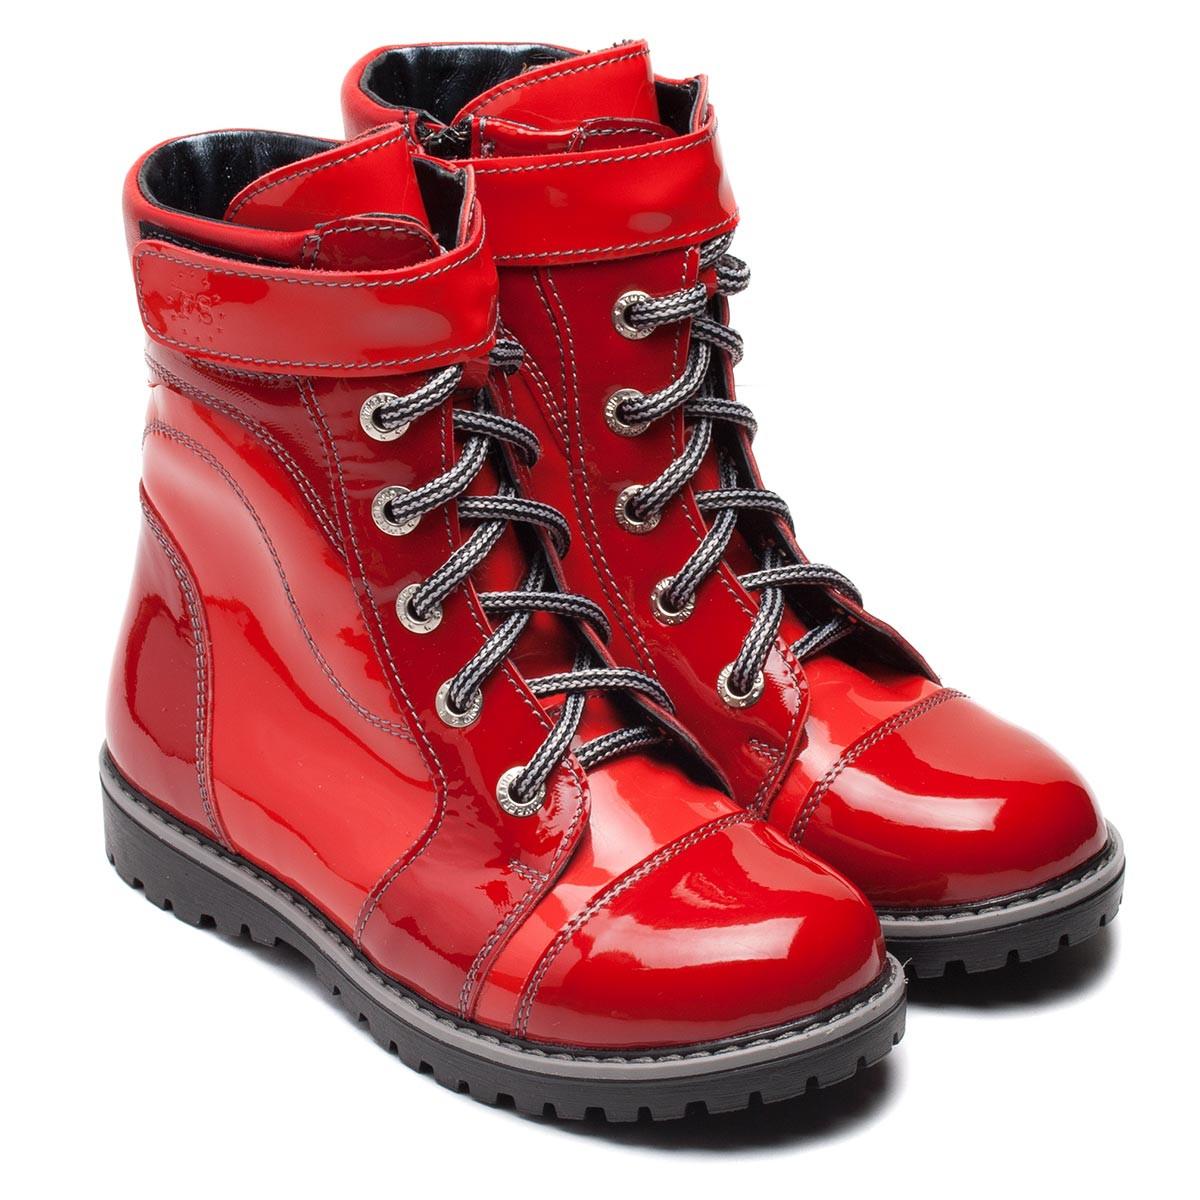 Подростковые ортопедические ботинки FS Сollection для девочки, демисезонные, размер 28-37